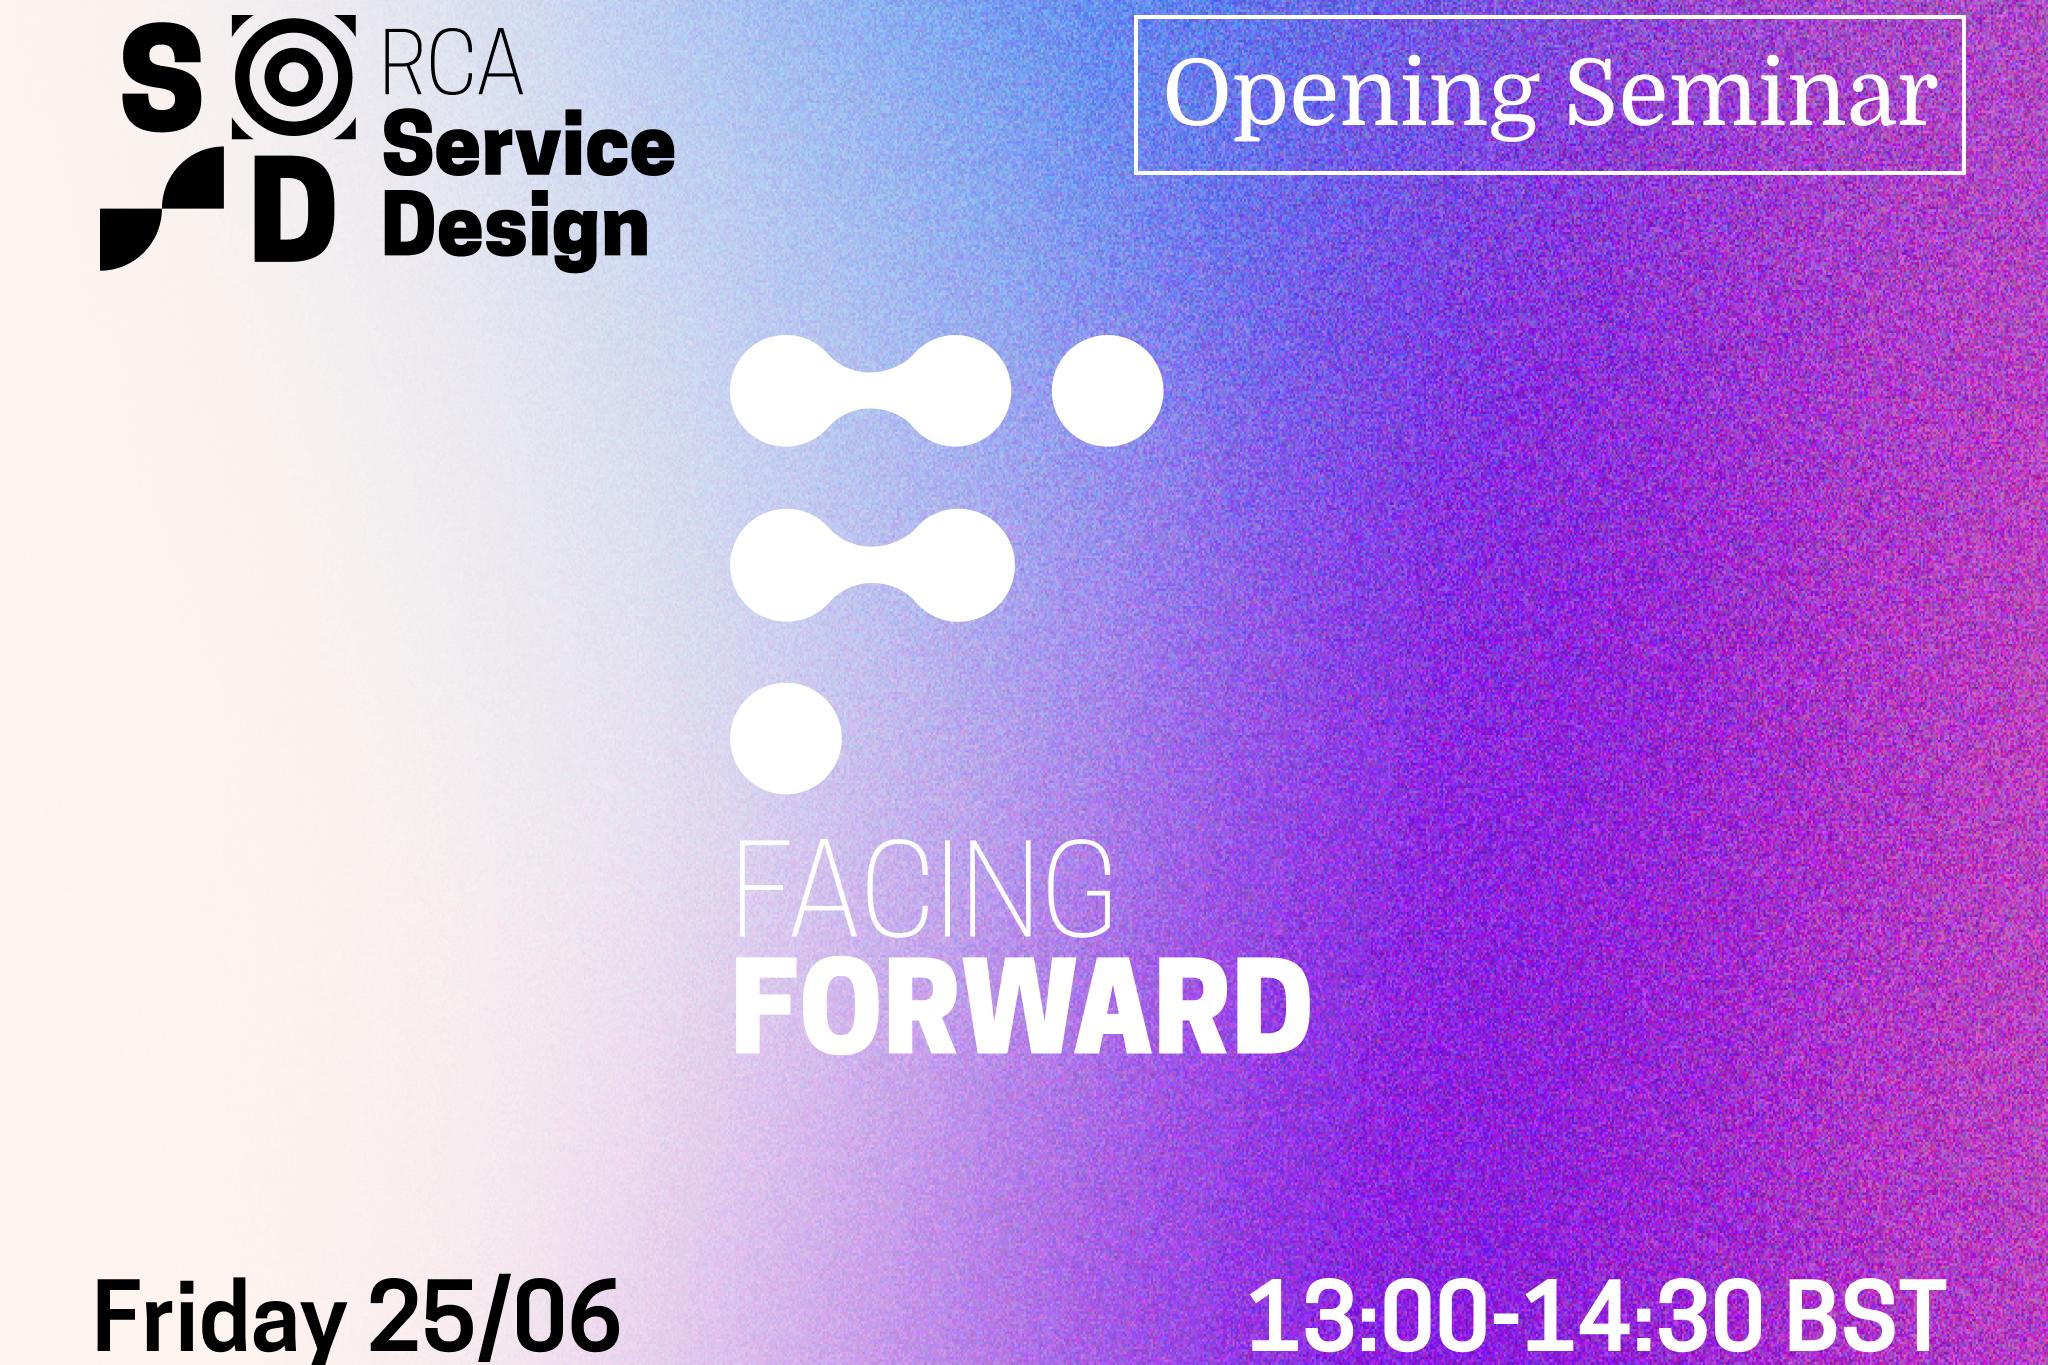 Service Design Facing Forward